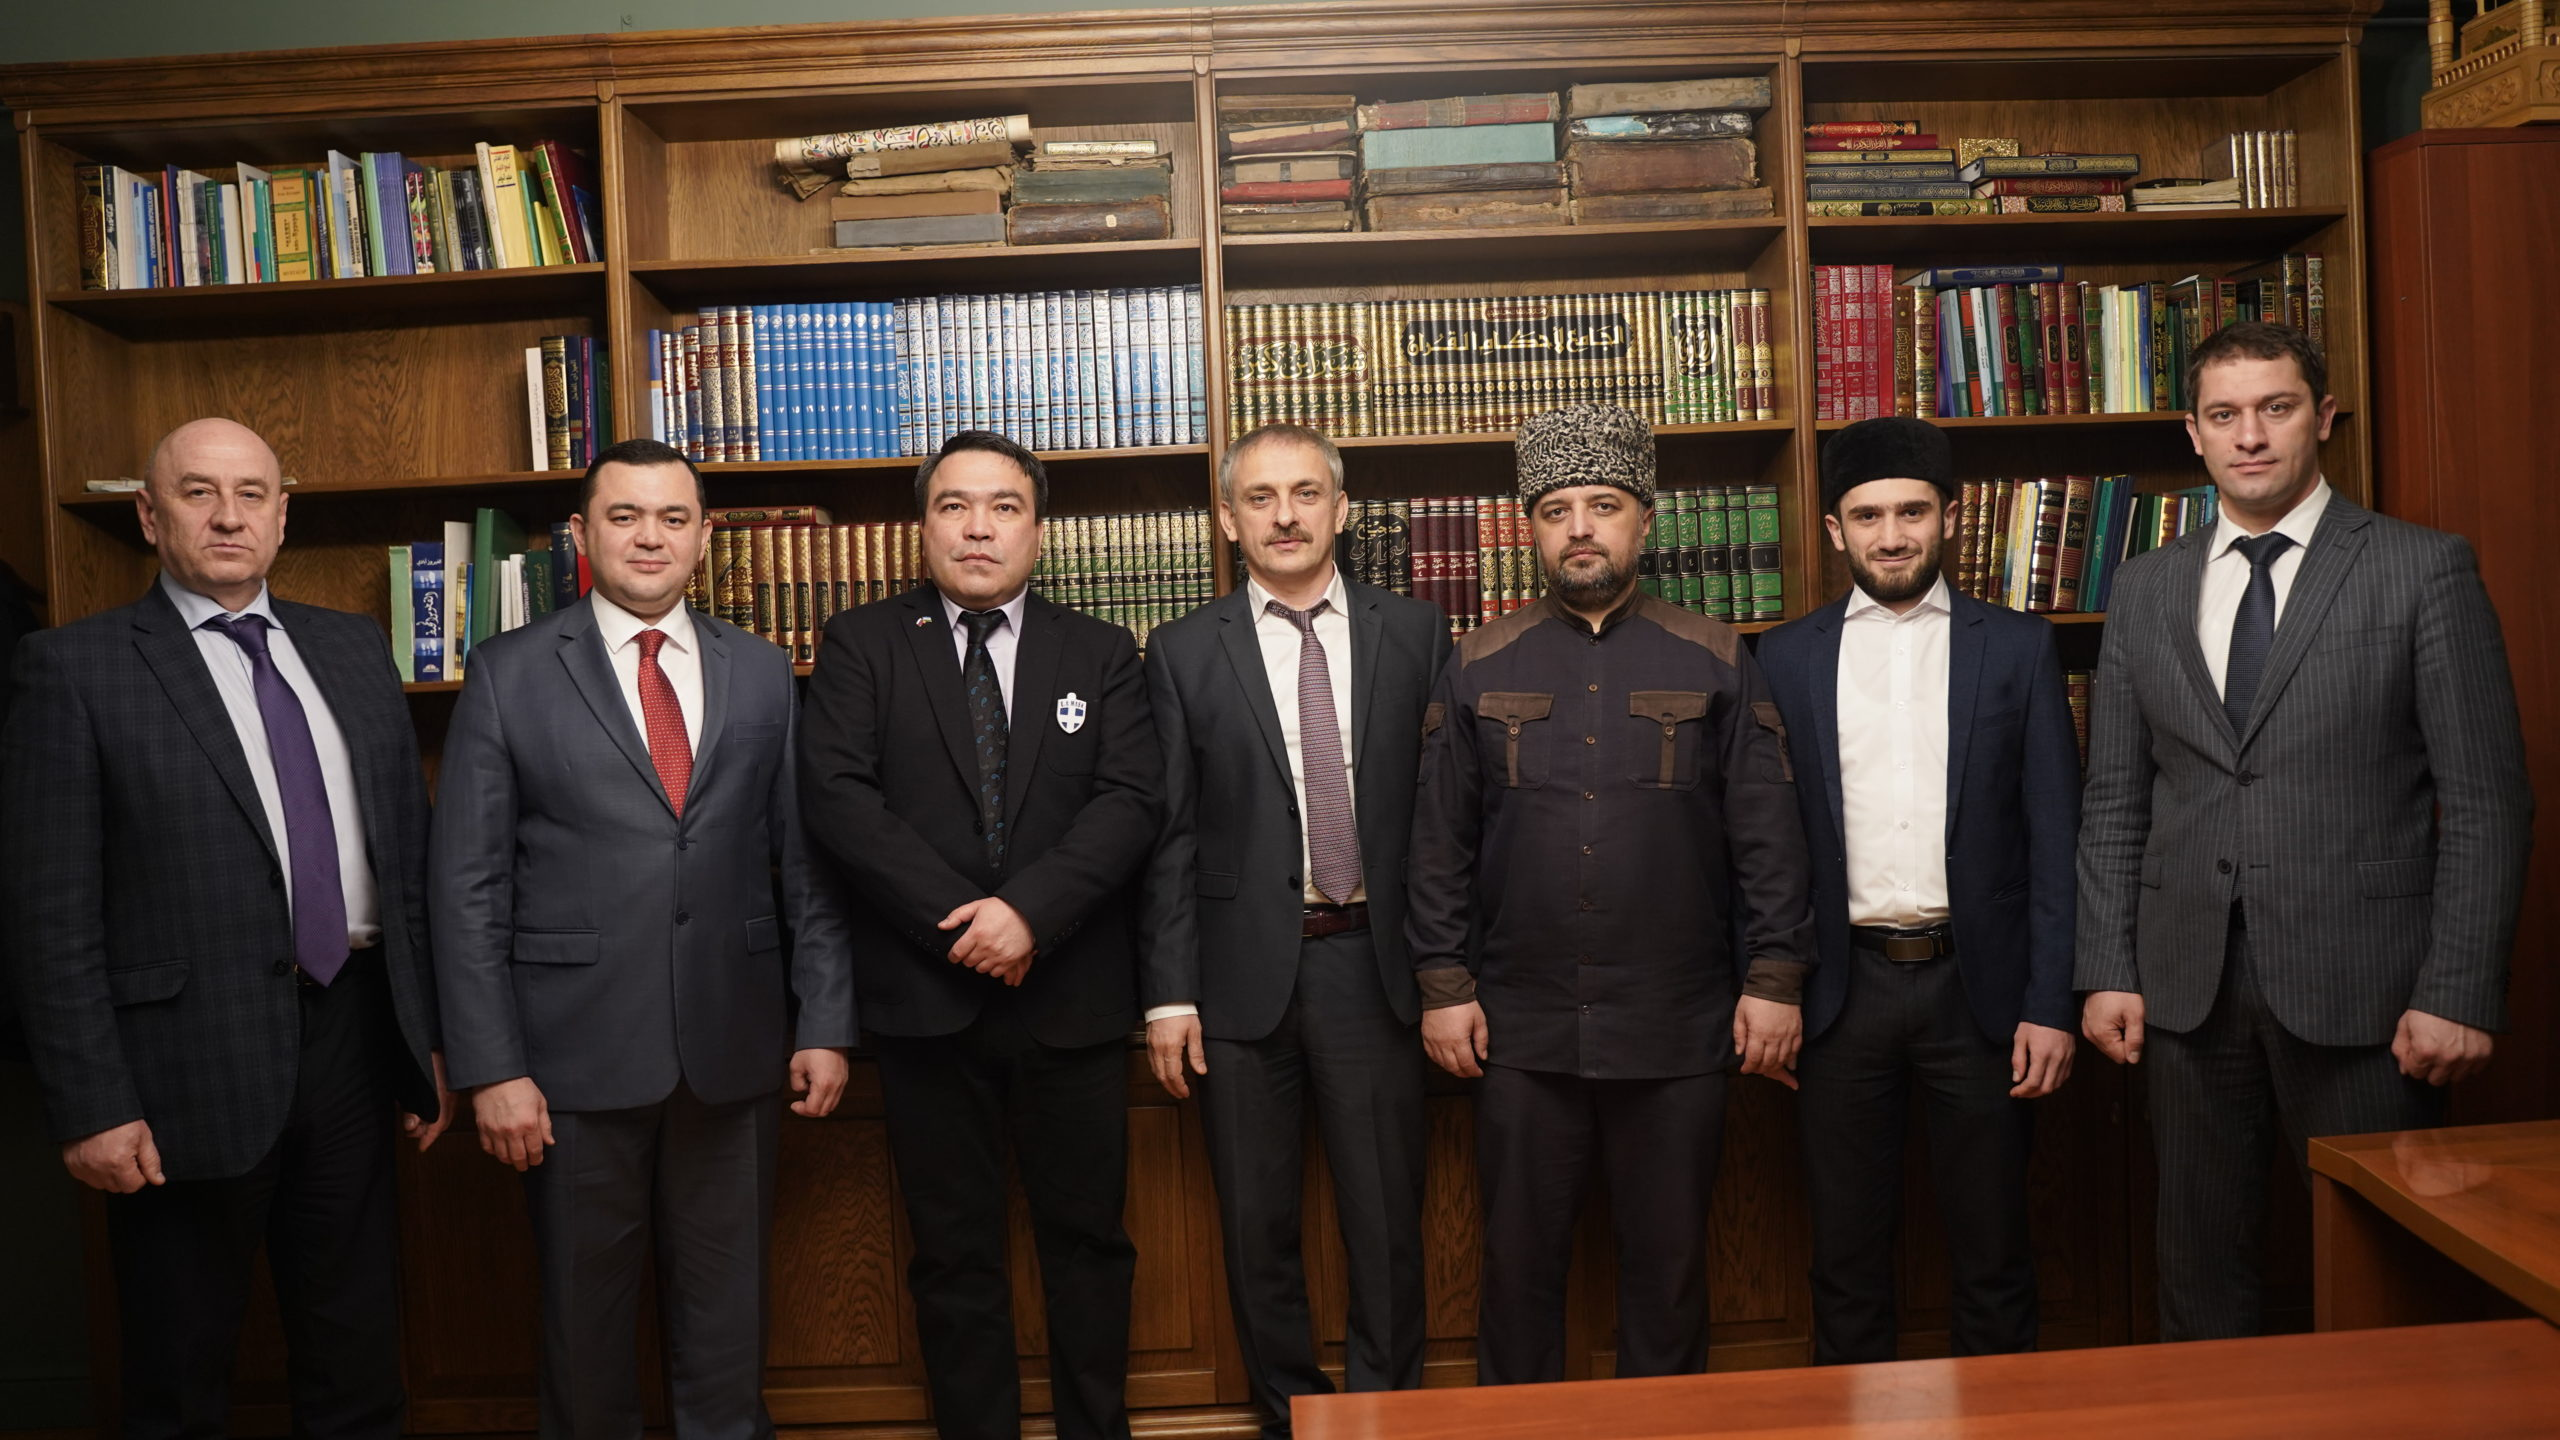 Генеральный консул Республики Узбекистан Курганбаев Рустам Тухтарджанович посетил Дагестан в рамках рабочего визита.